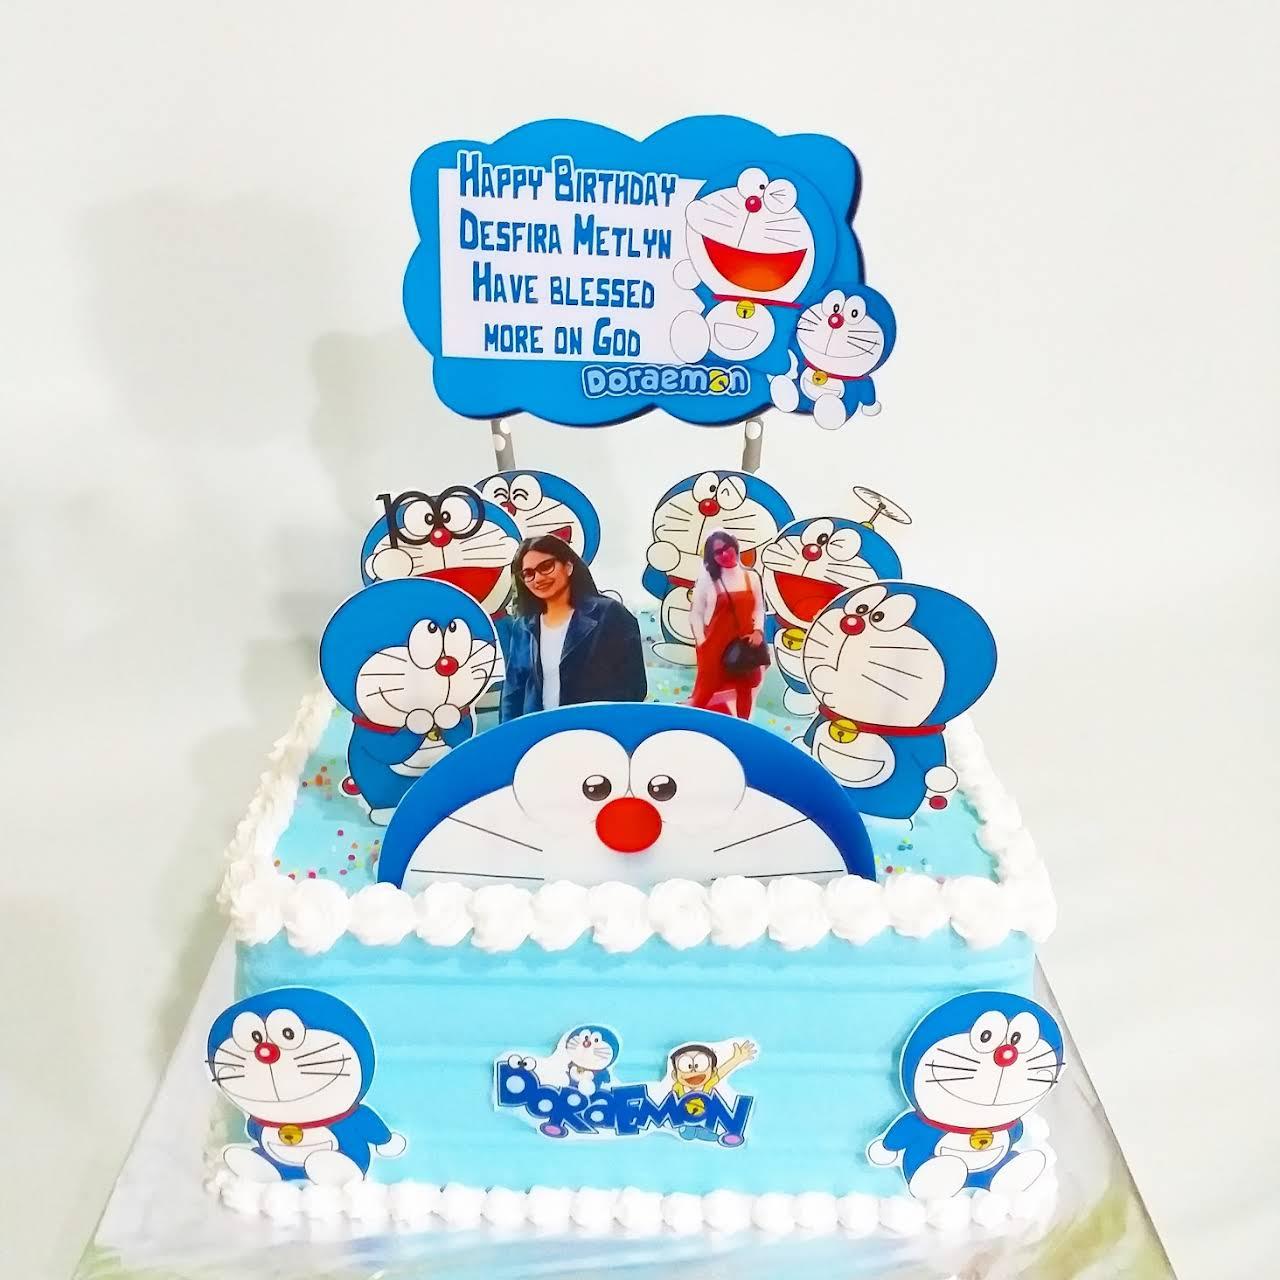 Toko Kue Online Ranee S Cake Order Di Sini Kue Ulang Tahun Karakter Roti Buaya Dan Edible Image Printing